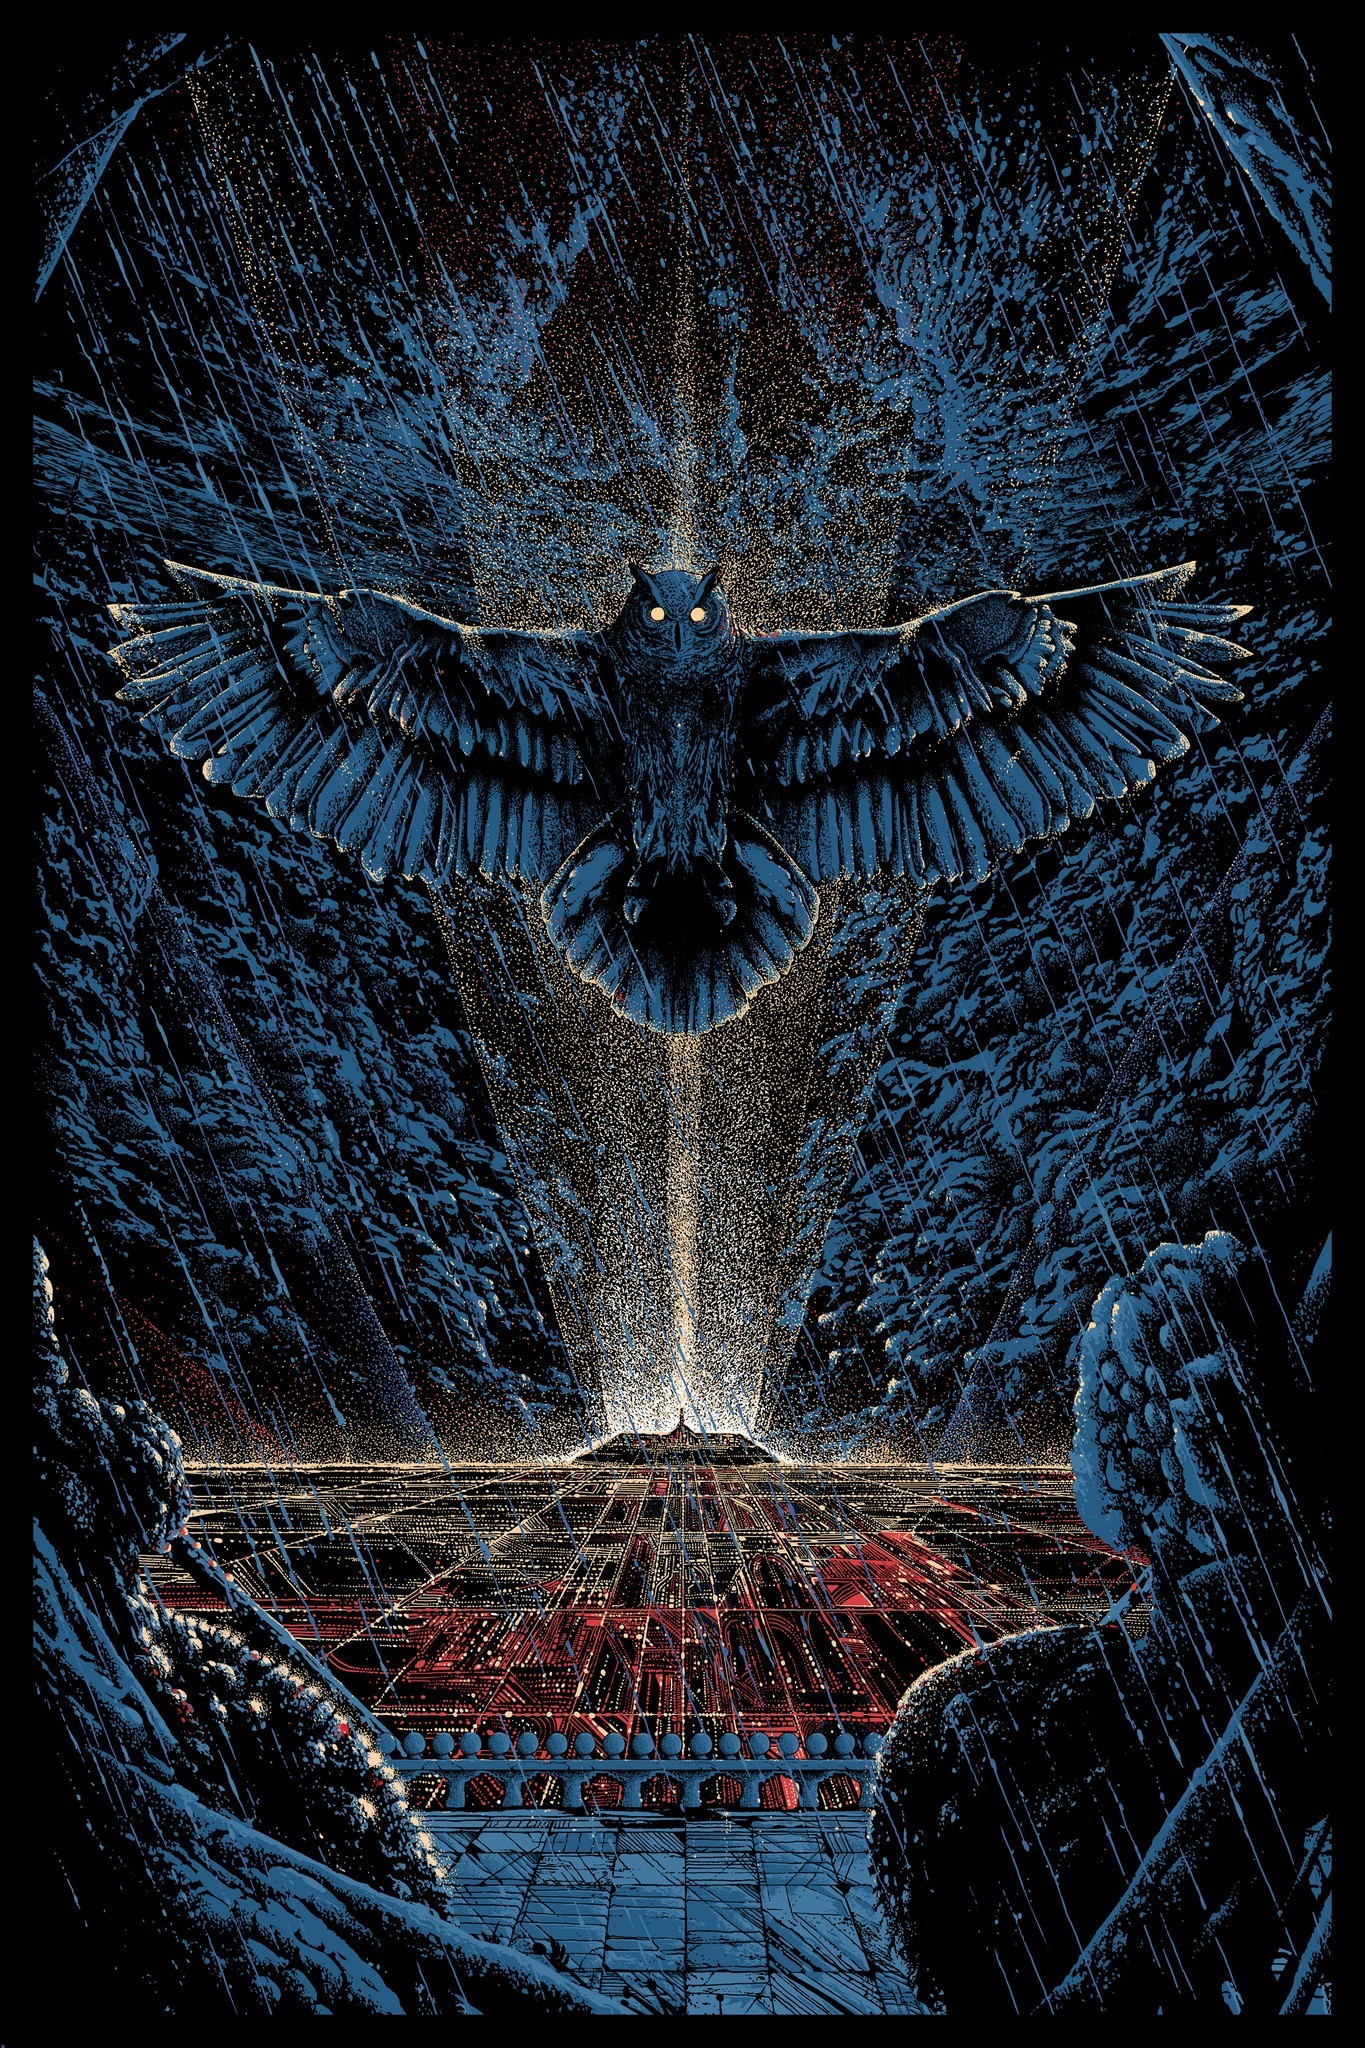 Blade Runner Wallpaper 71 Images